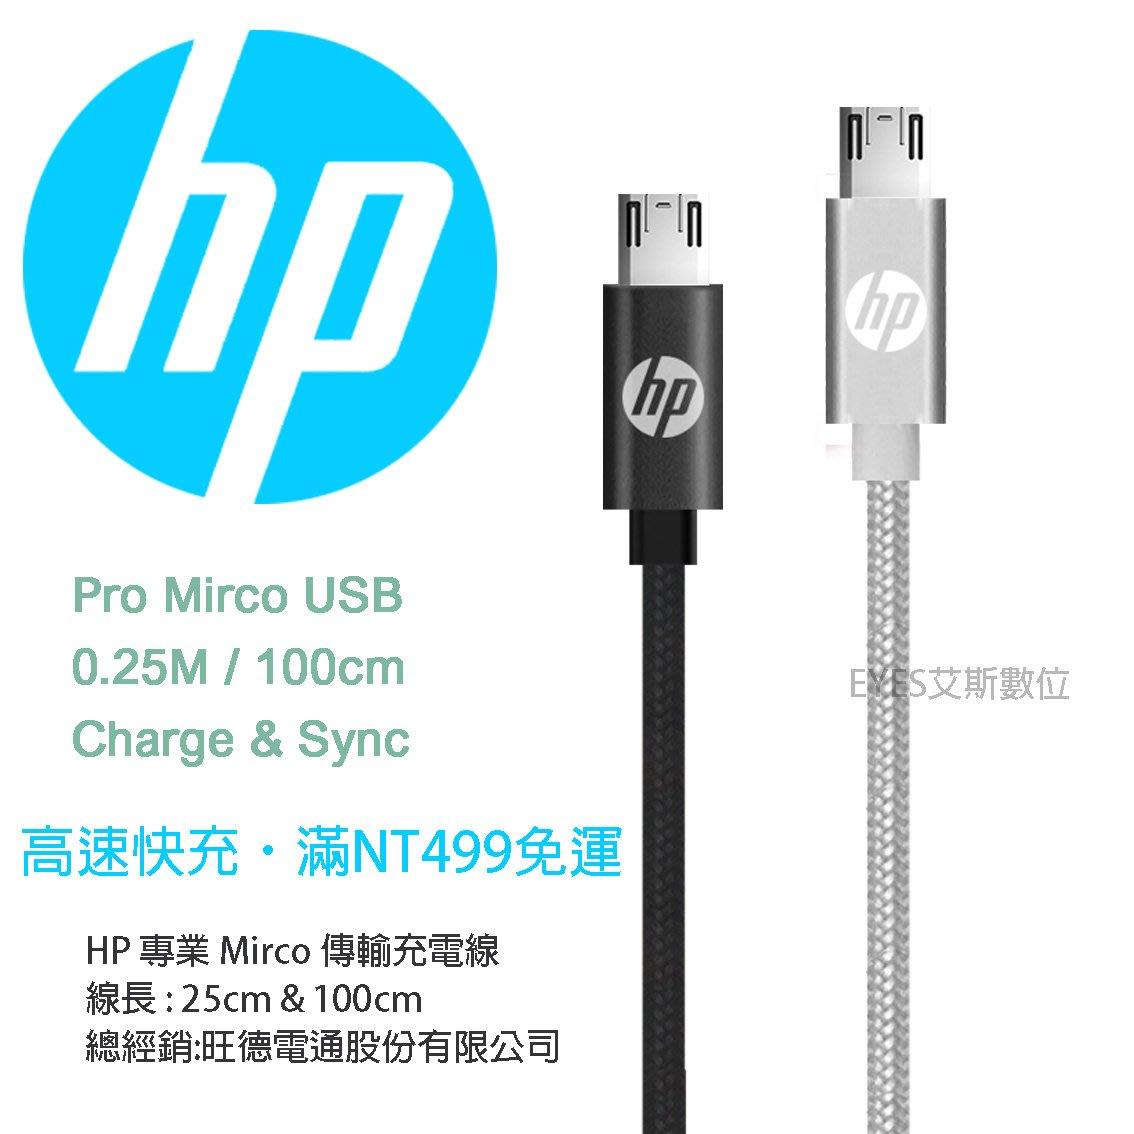 25公分 旺德電通經銷【HP041GBSLV0.25TW】白色 安卓 USB Micro 適用所有廠牌 數據傳輸 充電線